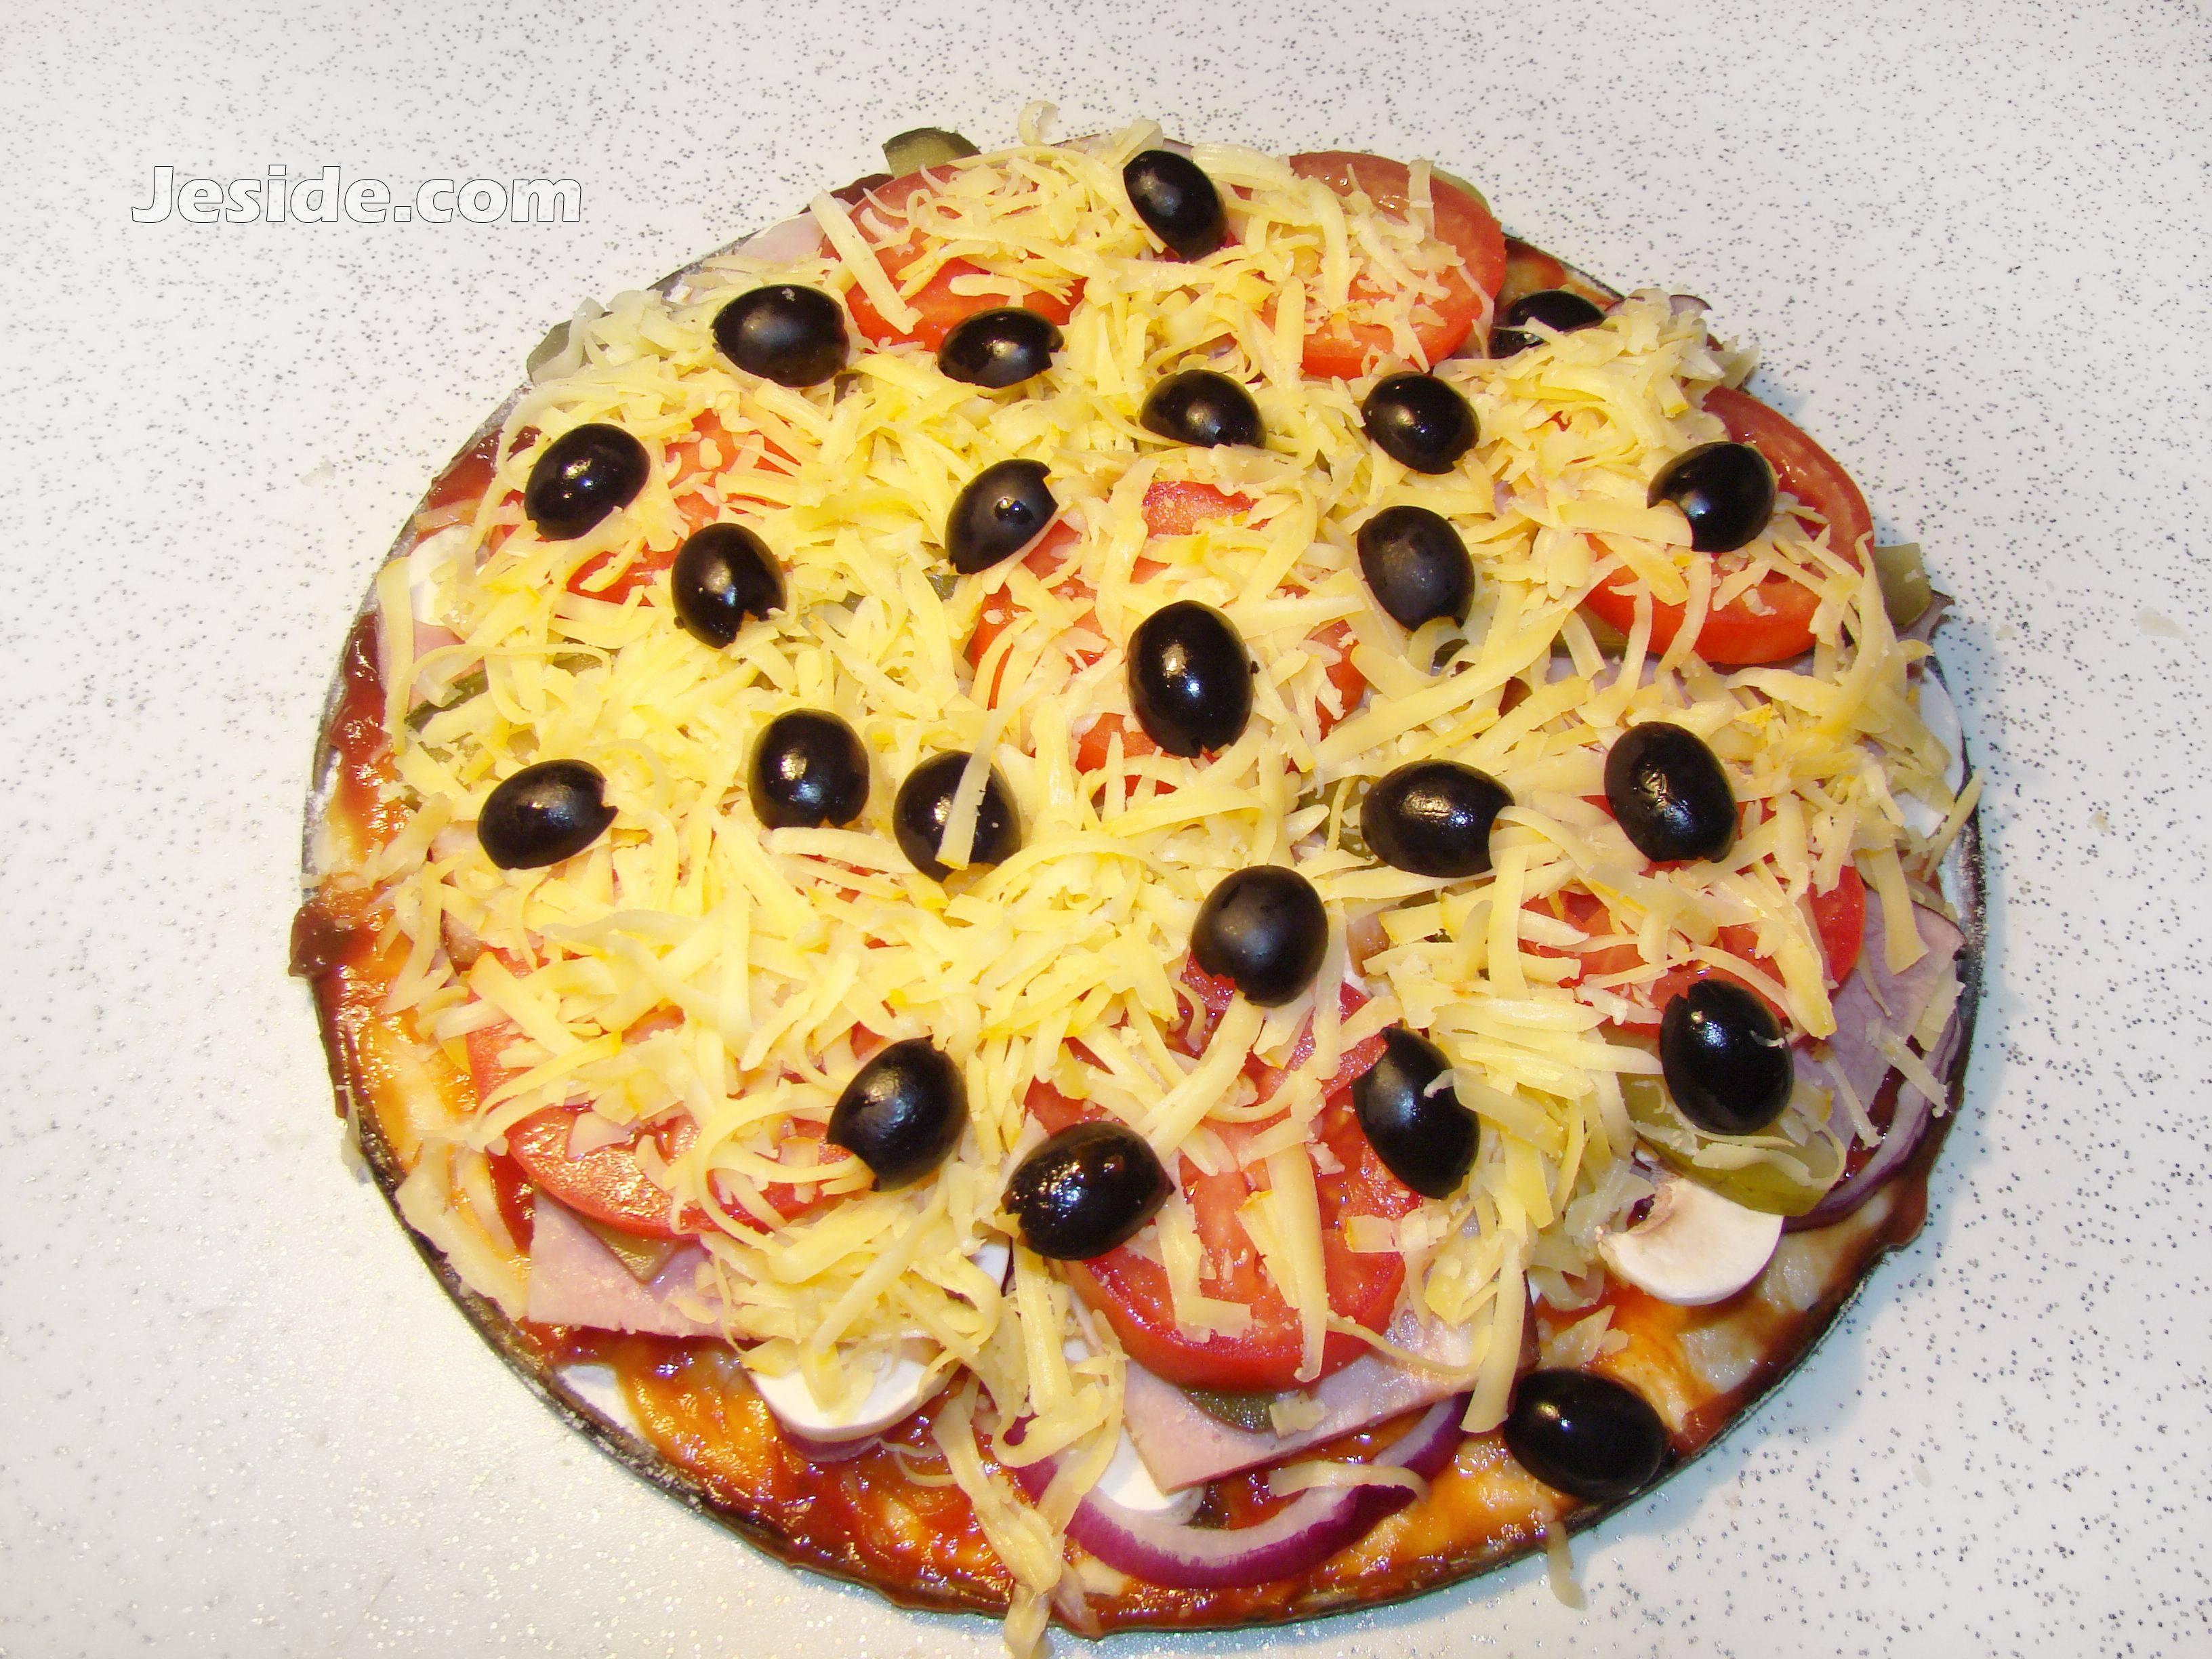 Пицца с маринованными помидорами и шампиньонами